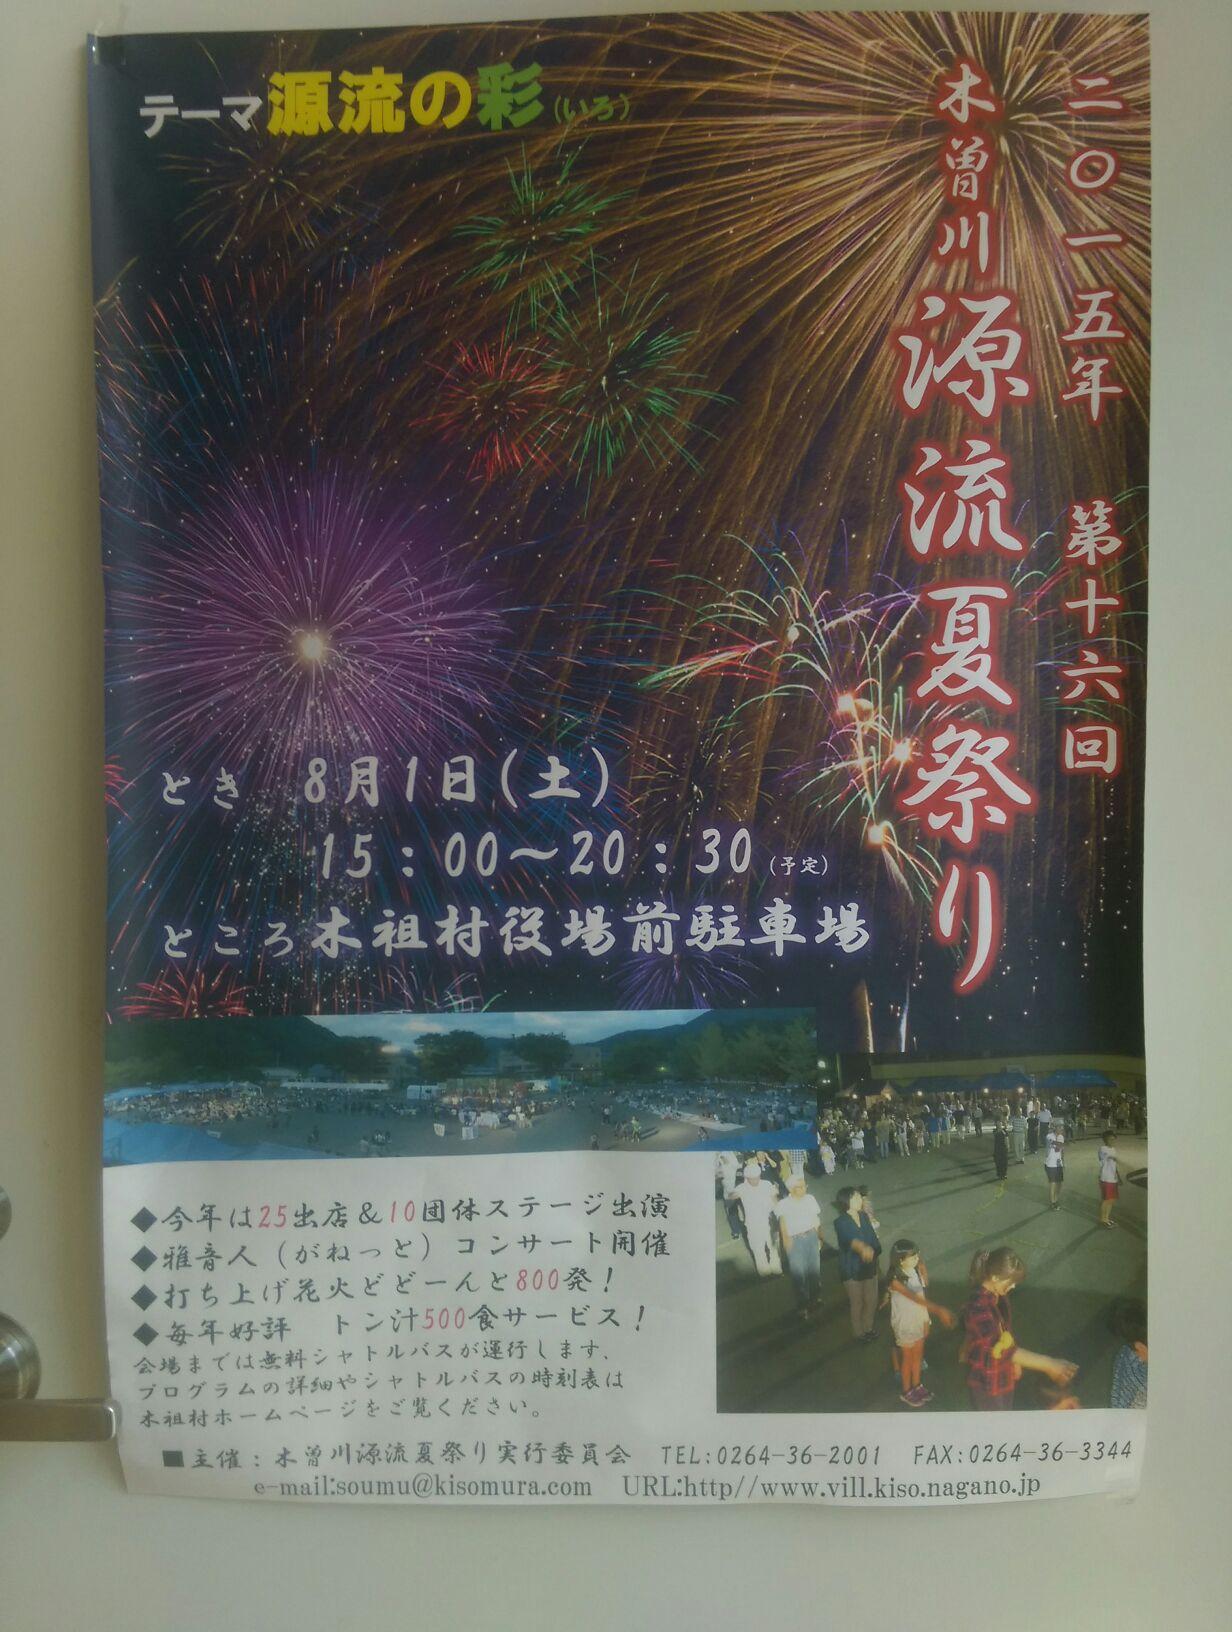 源流夏祭り開催!